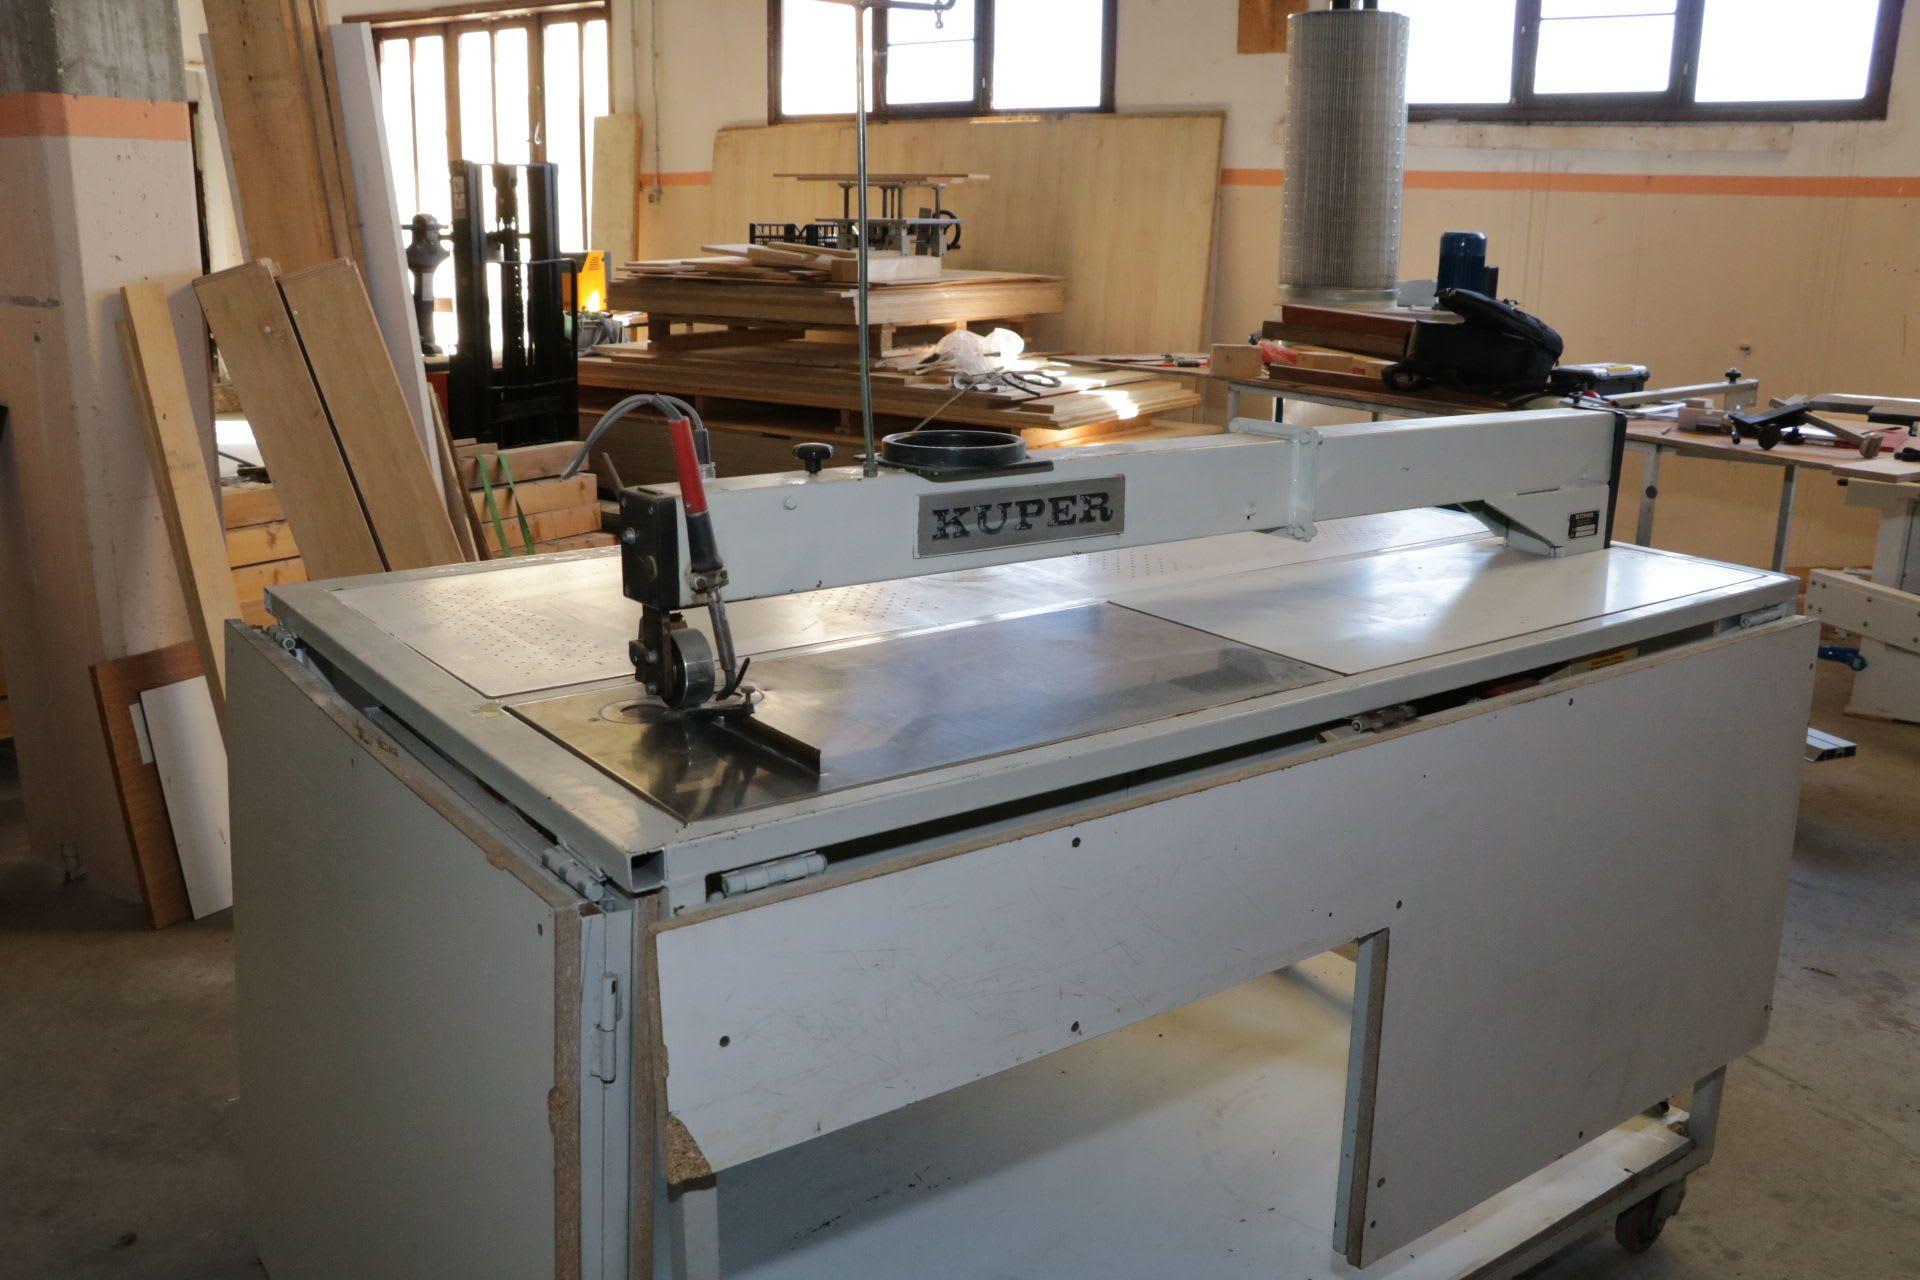 KUPER FWM 630 Furnierschneidemaschine